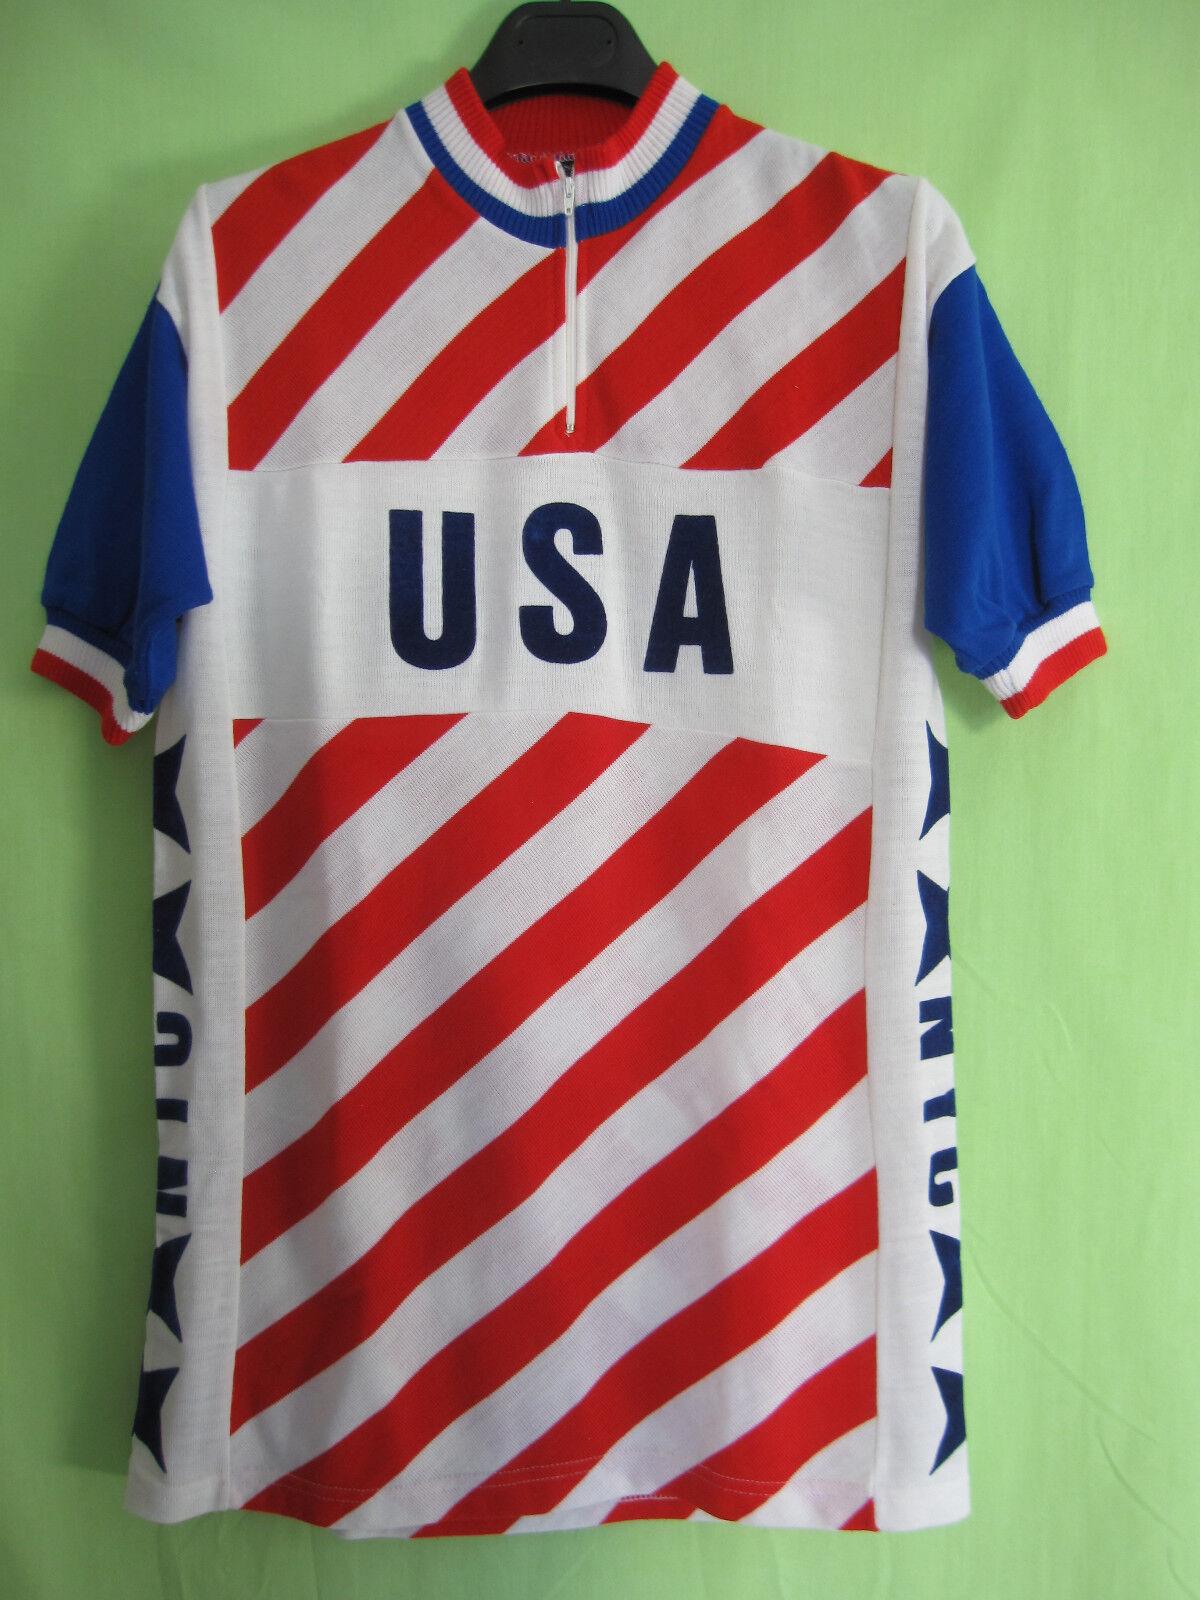 Maillot Cycliste Team USA cycling NYC Made 7 Belgium vintage Acrylique - 7 Made / XXL 9325f5